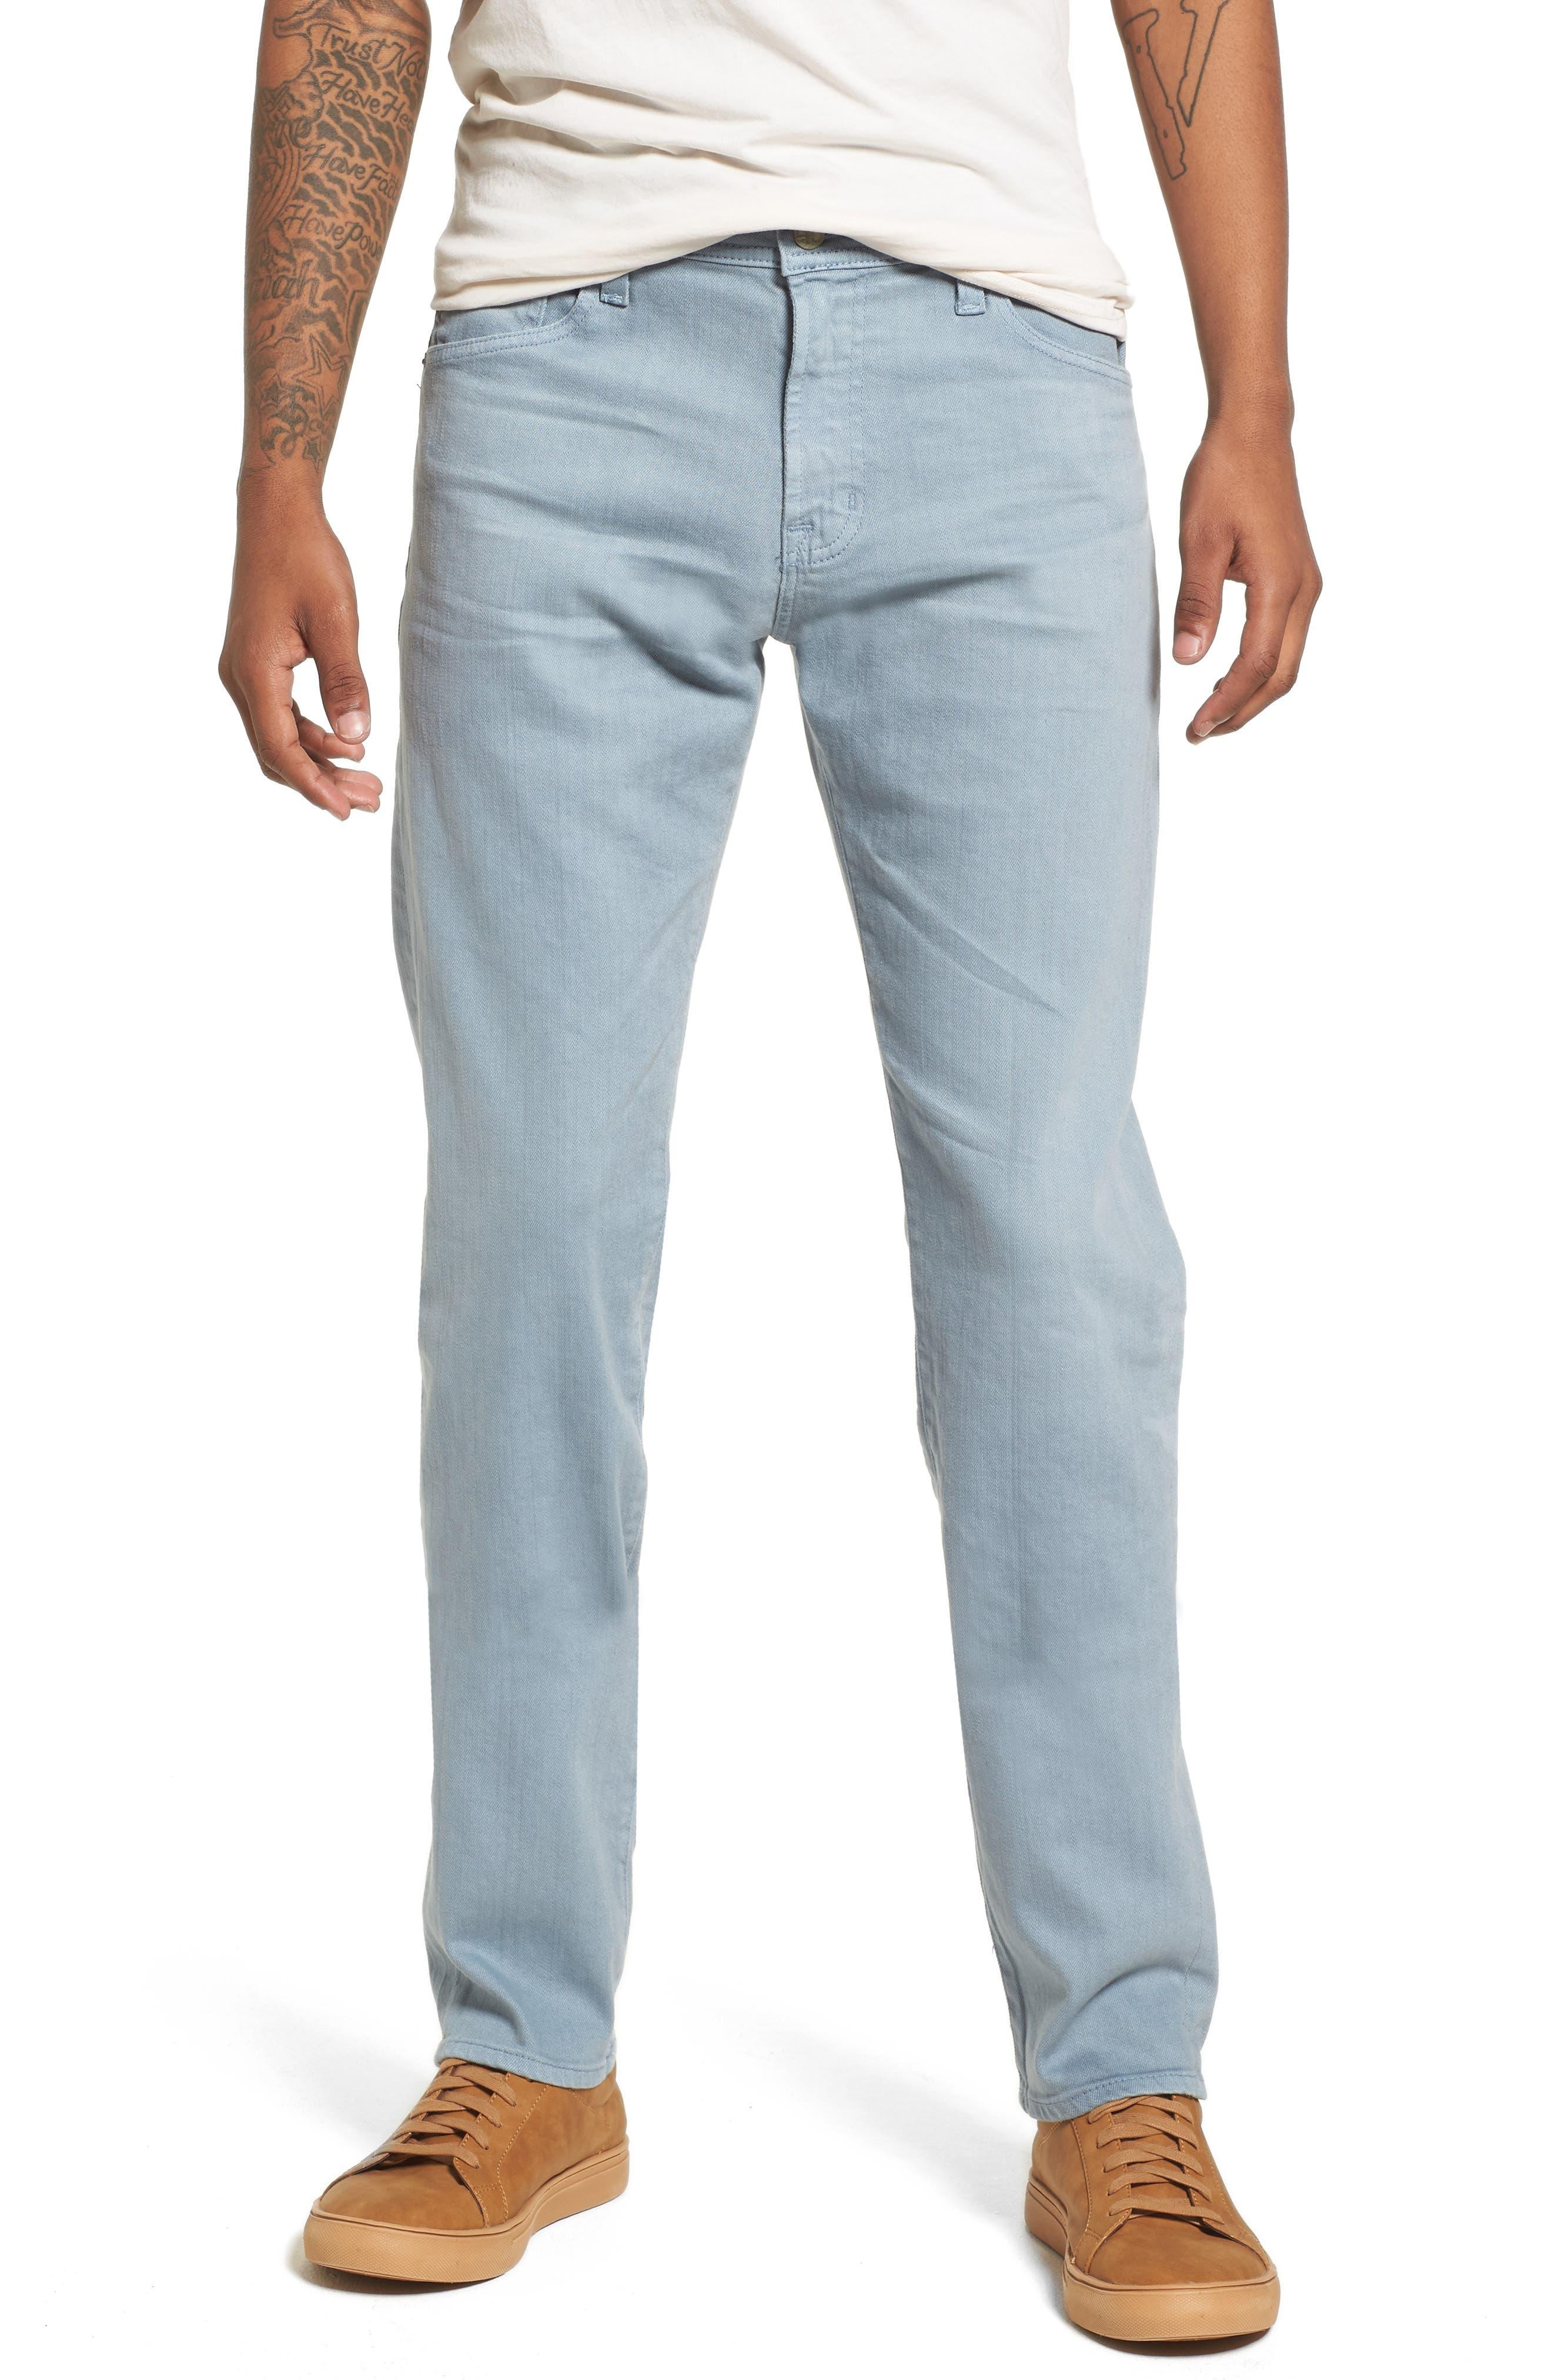 Tellis Slim Fit Jeans,                             Main thumbnail 1, color,                             480